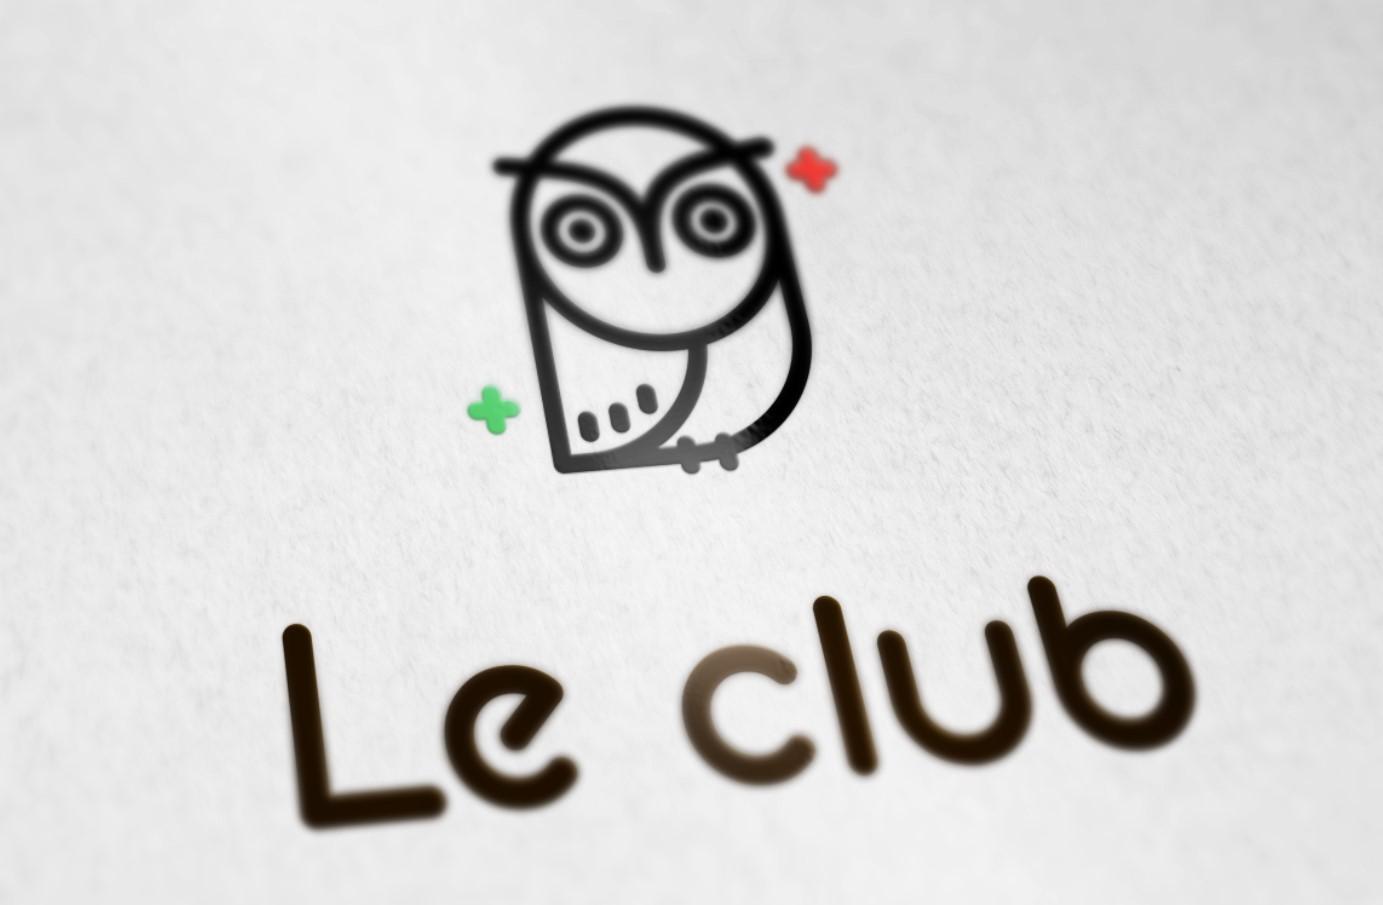 Разработка логотипа фото f_9875b408b3d3f465.jpg